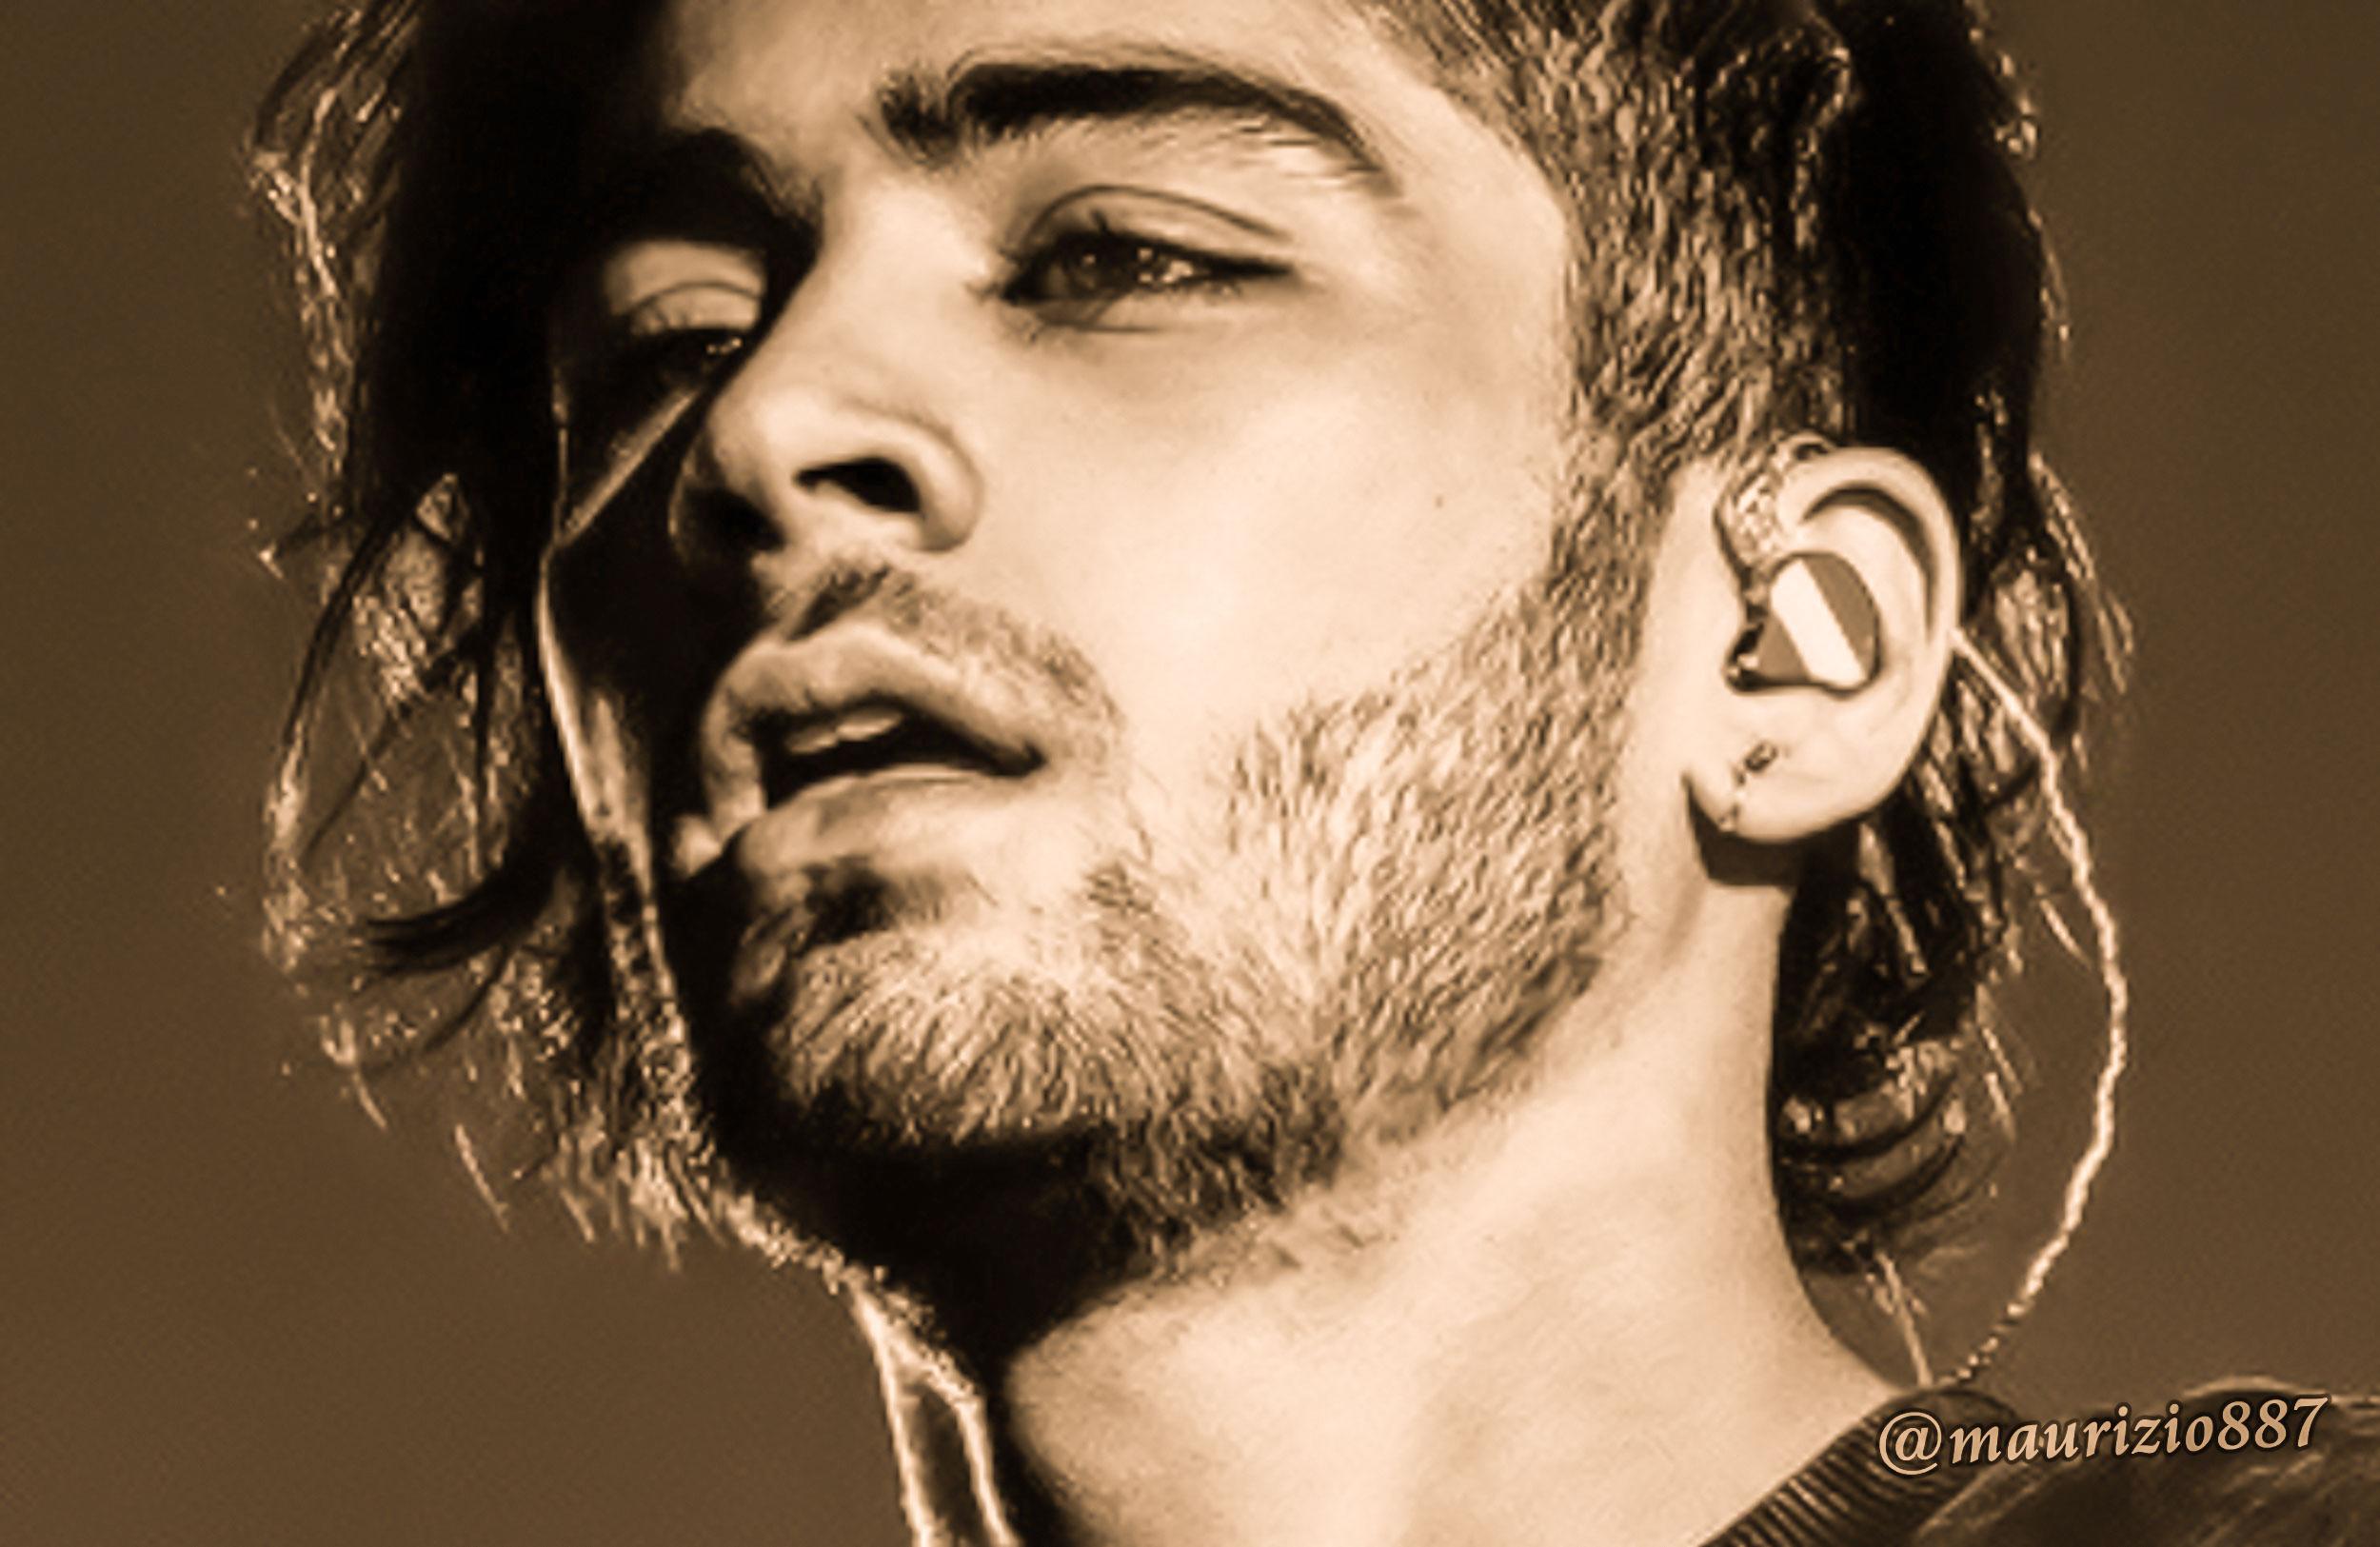 Zayn Malik Wallpaper 2015 - Zayn Malik One Direction 2015 - HD Wallpaper